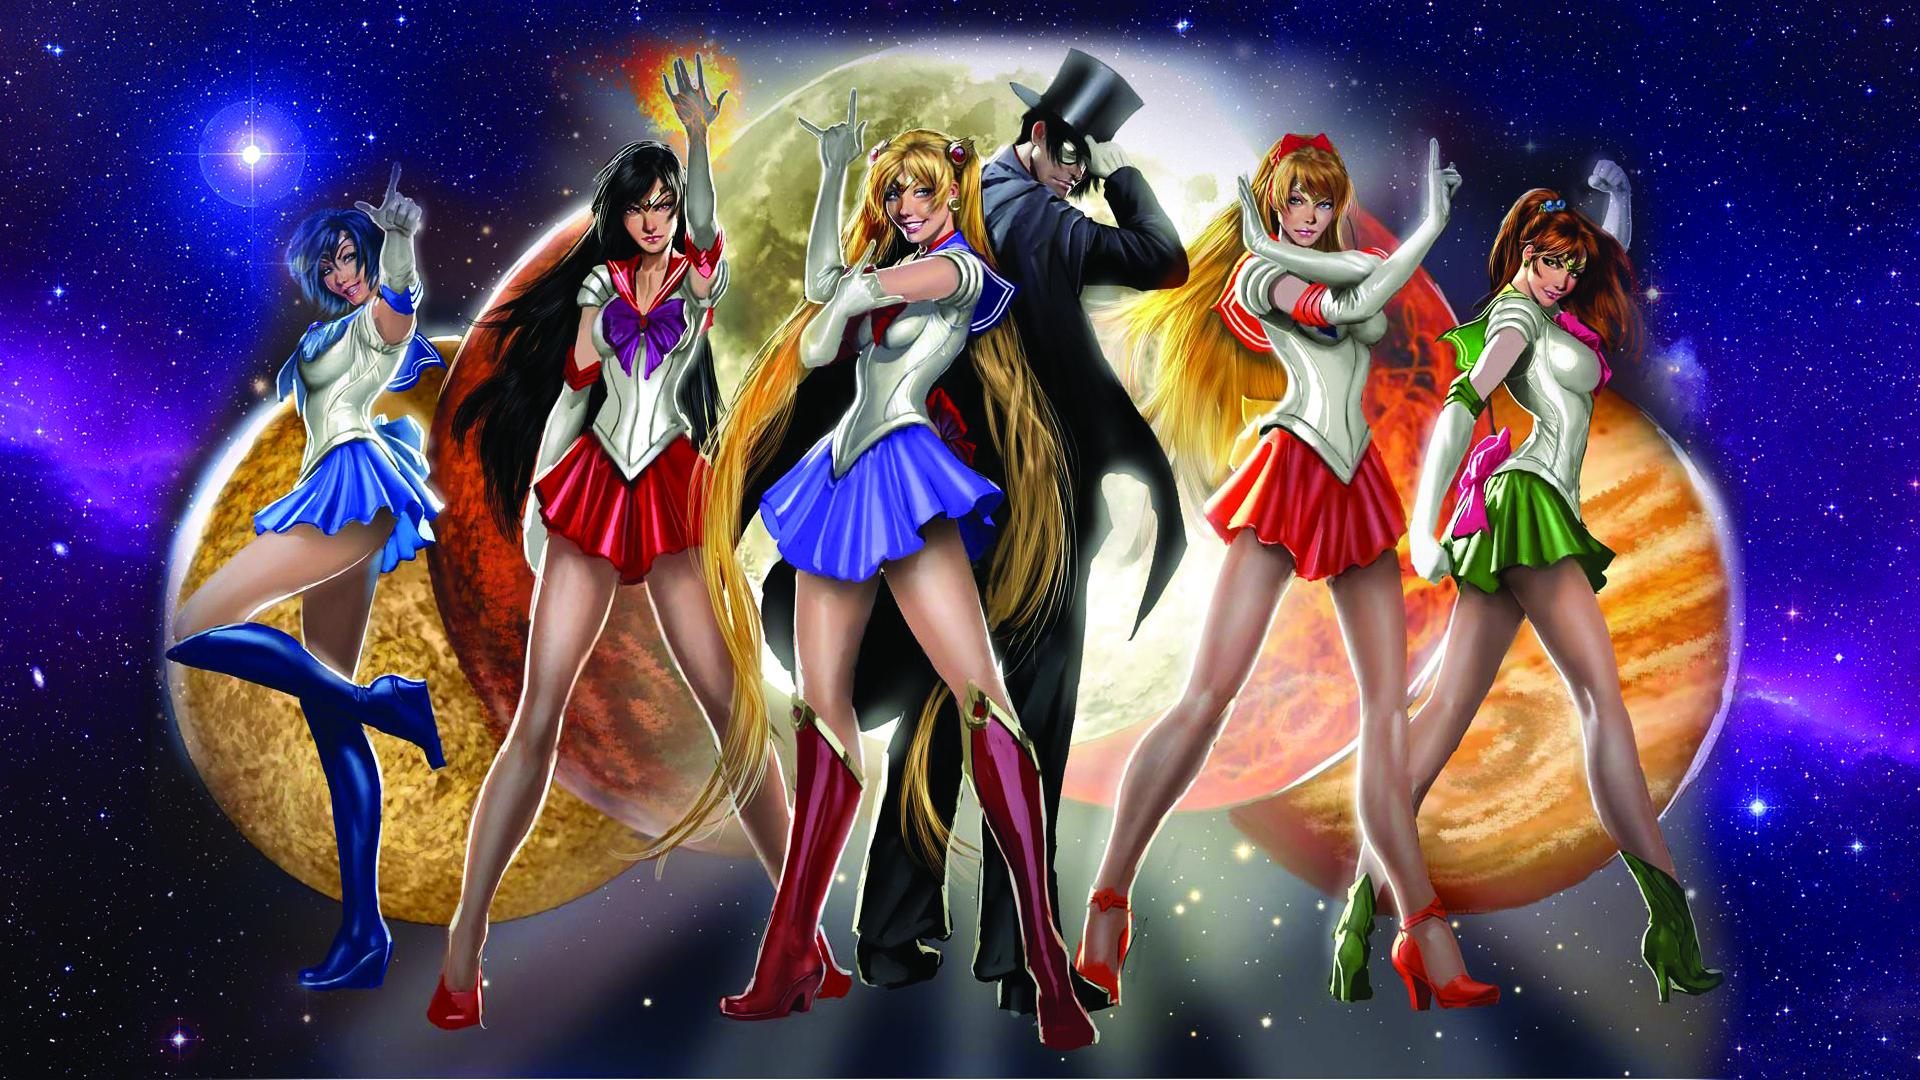 Real Life Sailor Scouts Sailor Moon Wallpaper 32045096 Fanpop